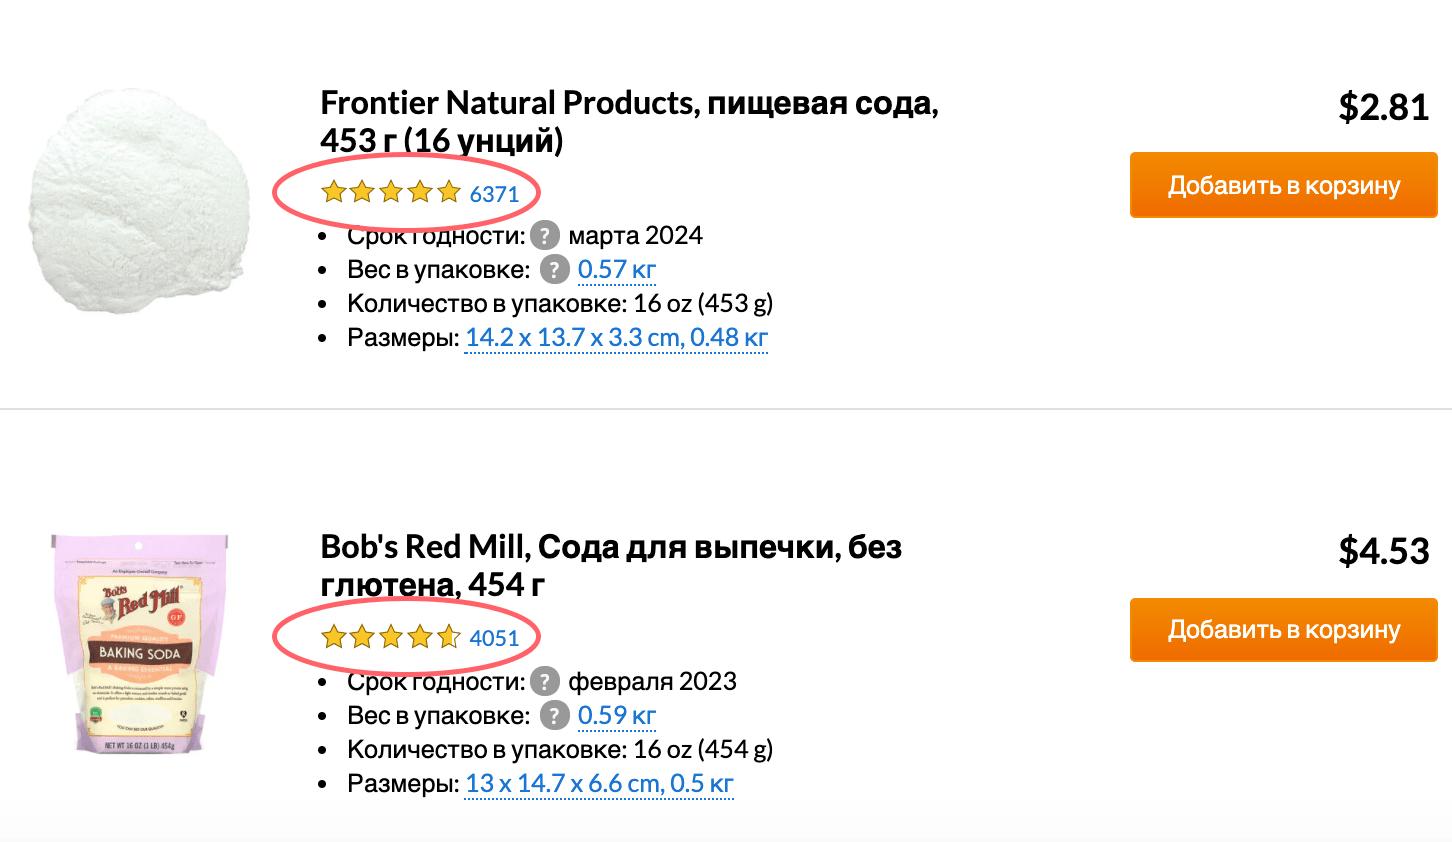 купить американскую соду